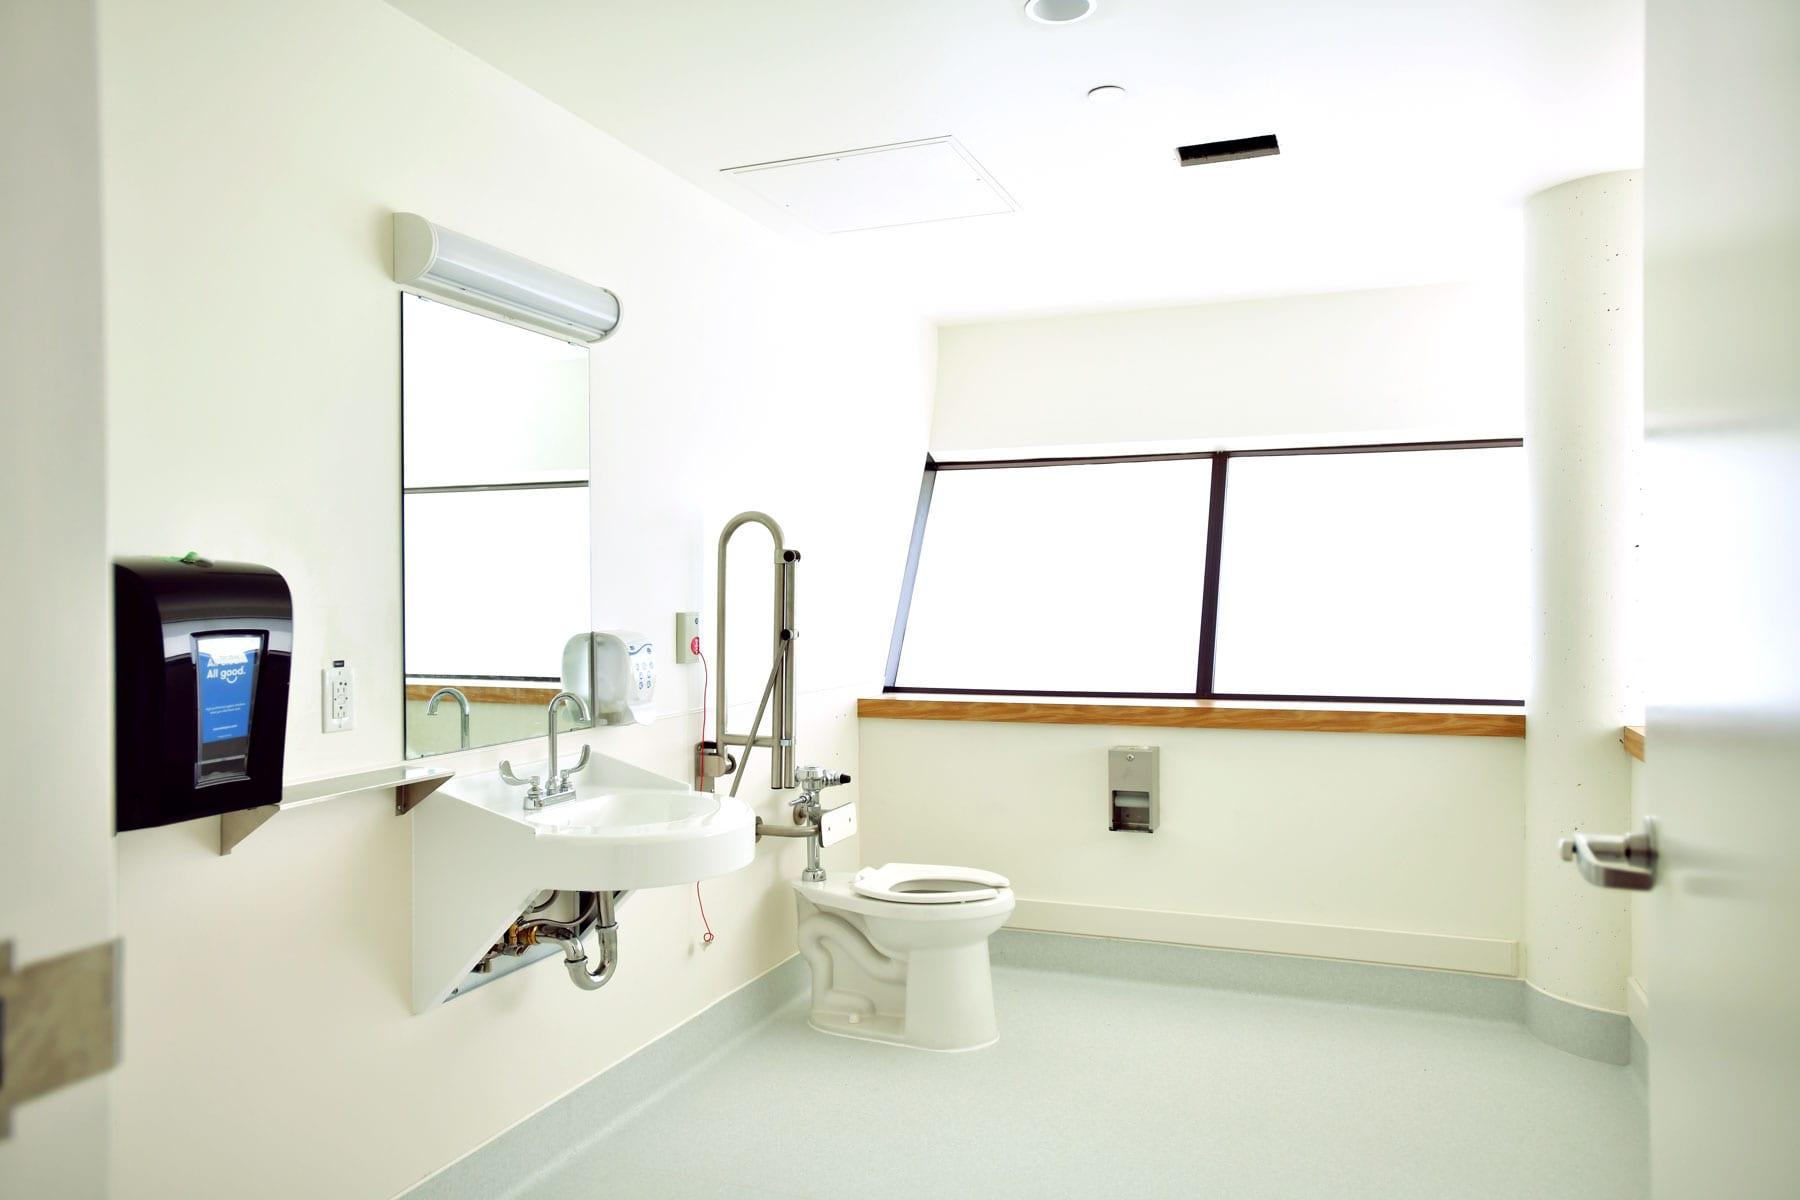 Patient washroom for UBC hospital Koerner interior renovation